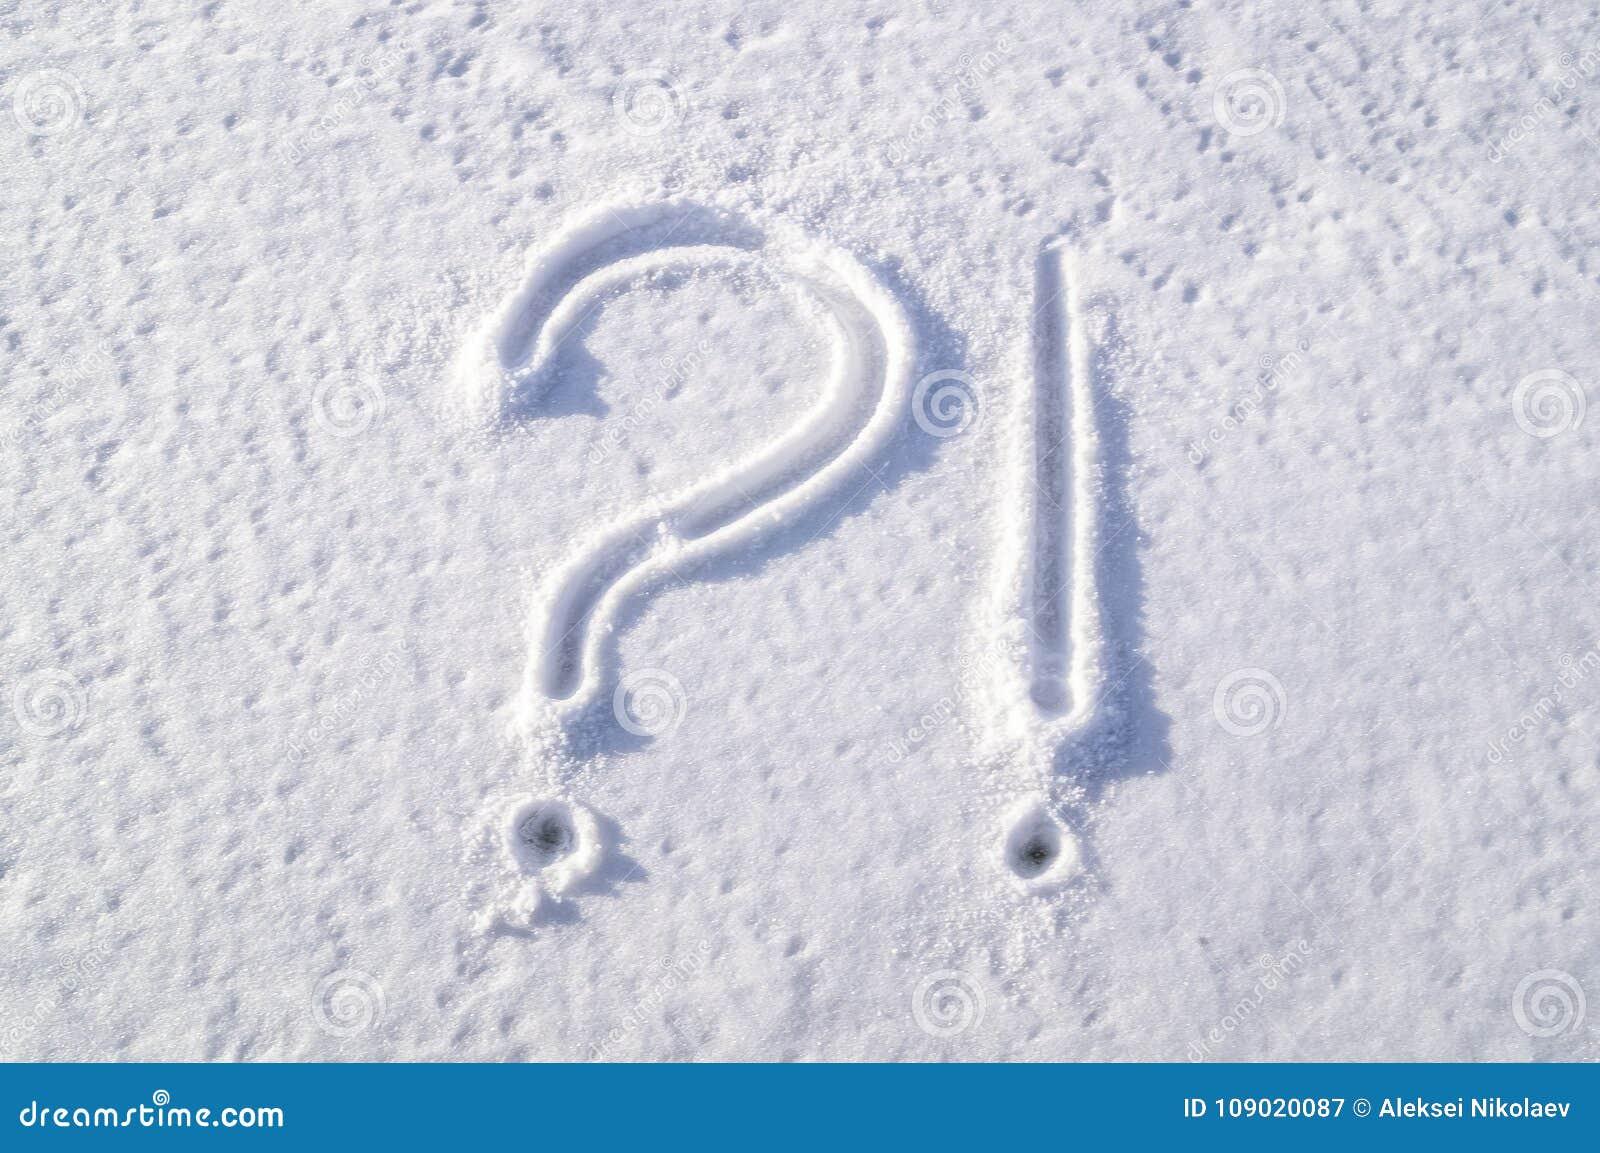 Bild auf dem schneebedeckten Fenster Symbole - Frage und Ausrufezeichen